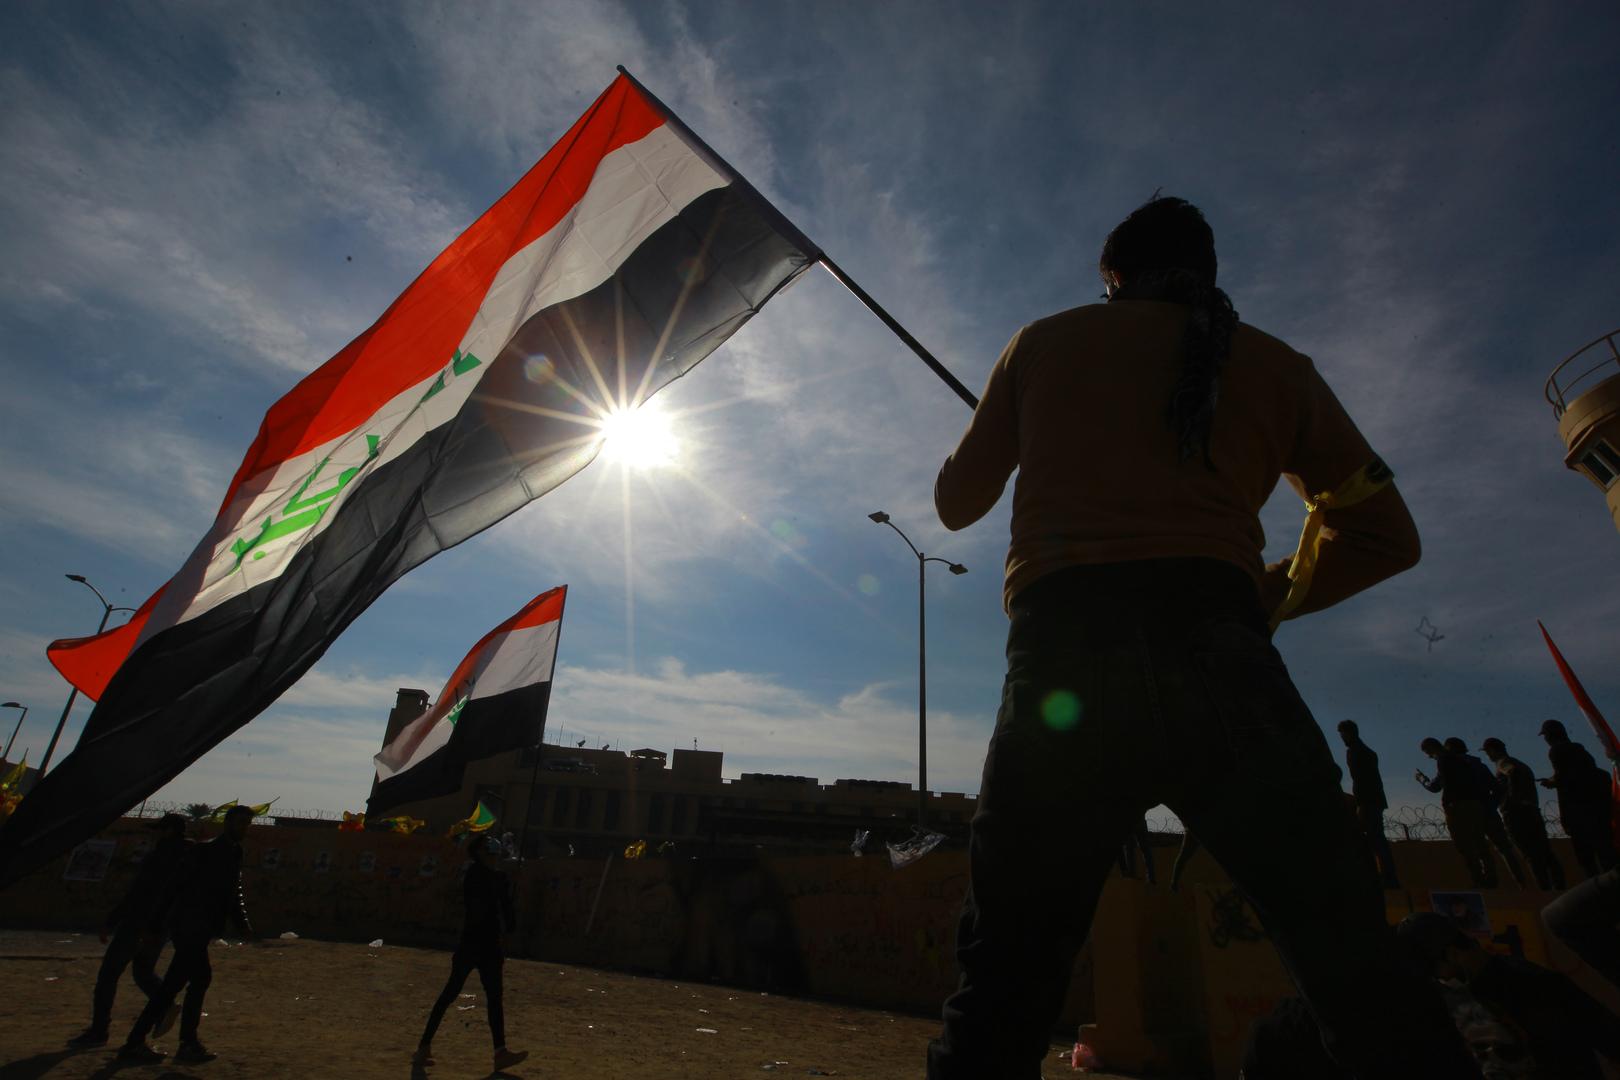 مساع لتحريك ملف الأموال العراقية المجمدة في فرنسا لشراء أسلحة ومعدات عسكرية